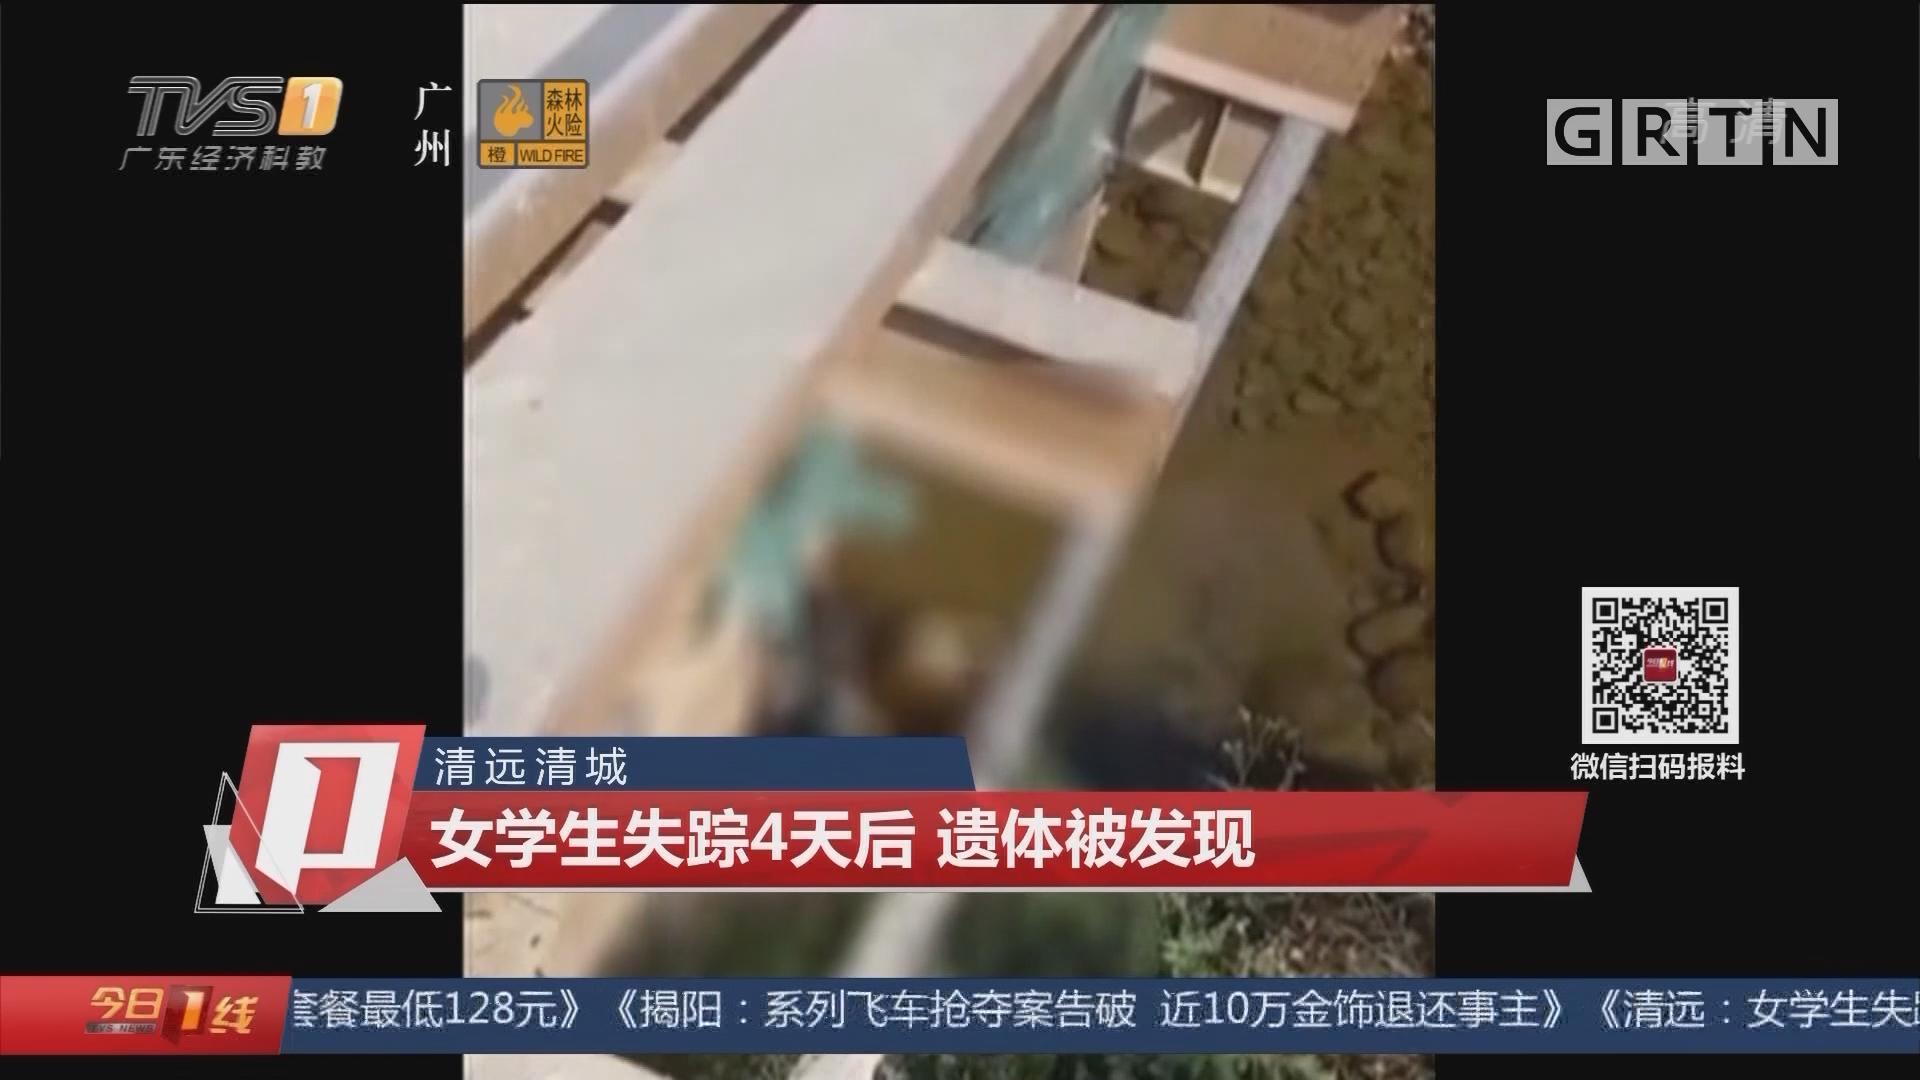 清远清城:女学生失踪4天后 遗体被发现